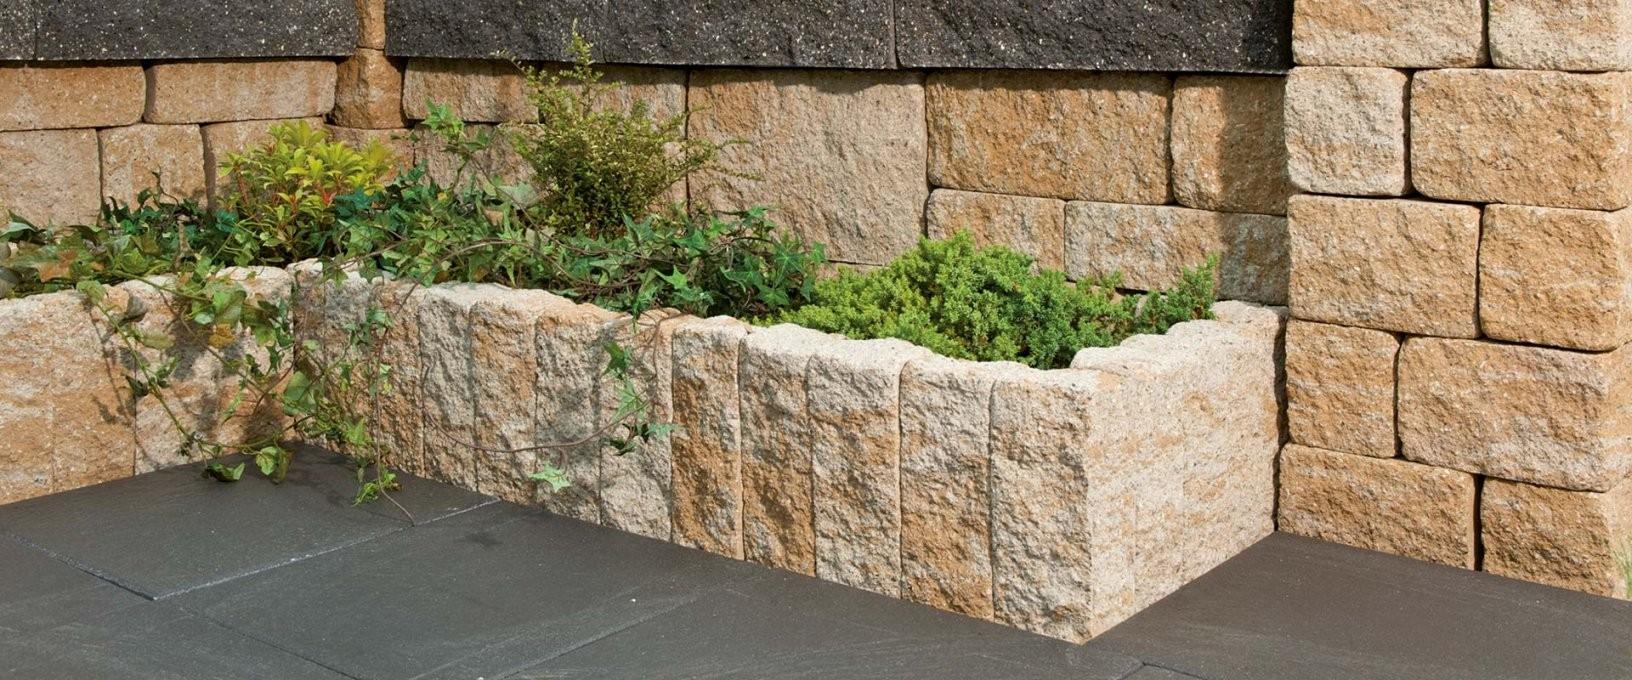 Gartenruinen – Komplettbausätze Für Ihren Garten Von Gerwing von Garten Mauern Steine Bild